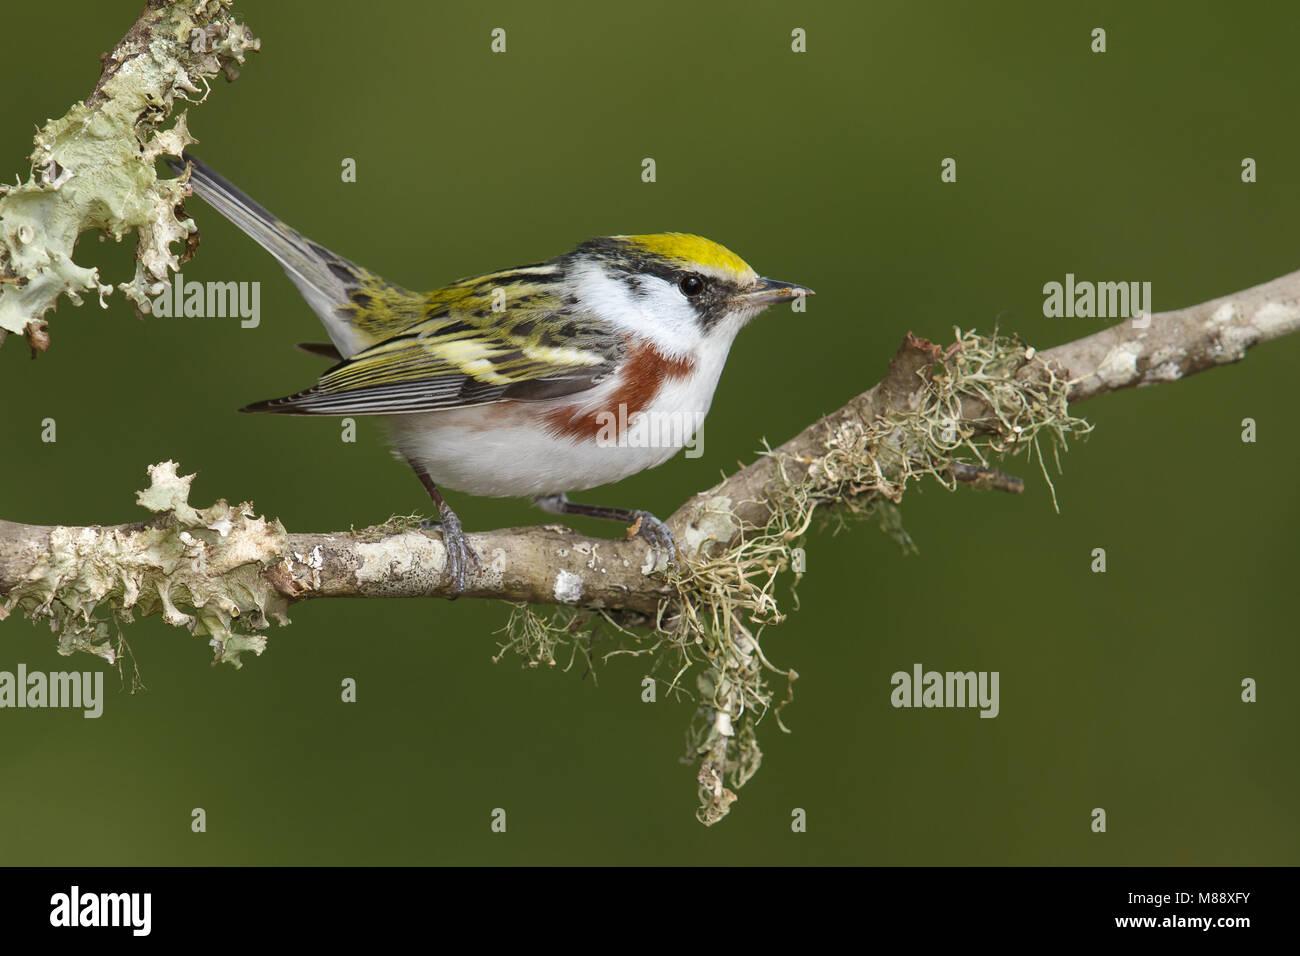 Vrouwtje Roestflankzanger, Female Chestnut-sided Warbler Stock Photo